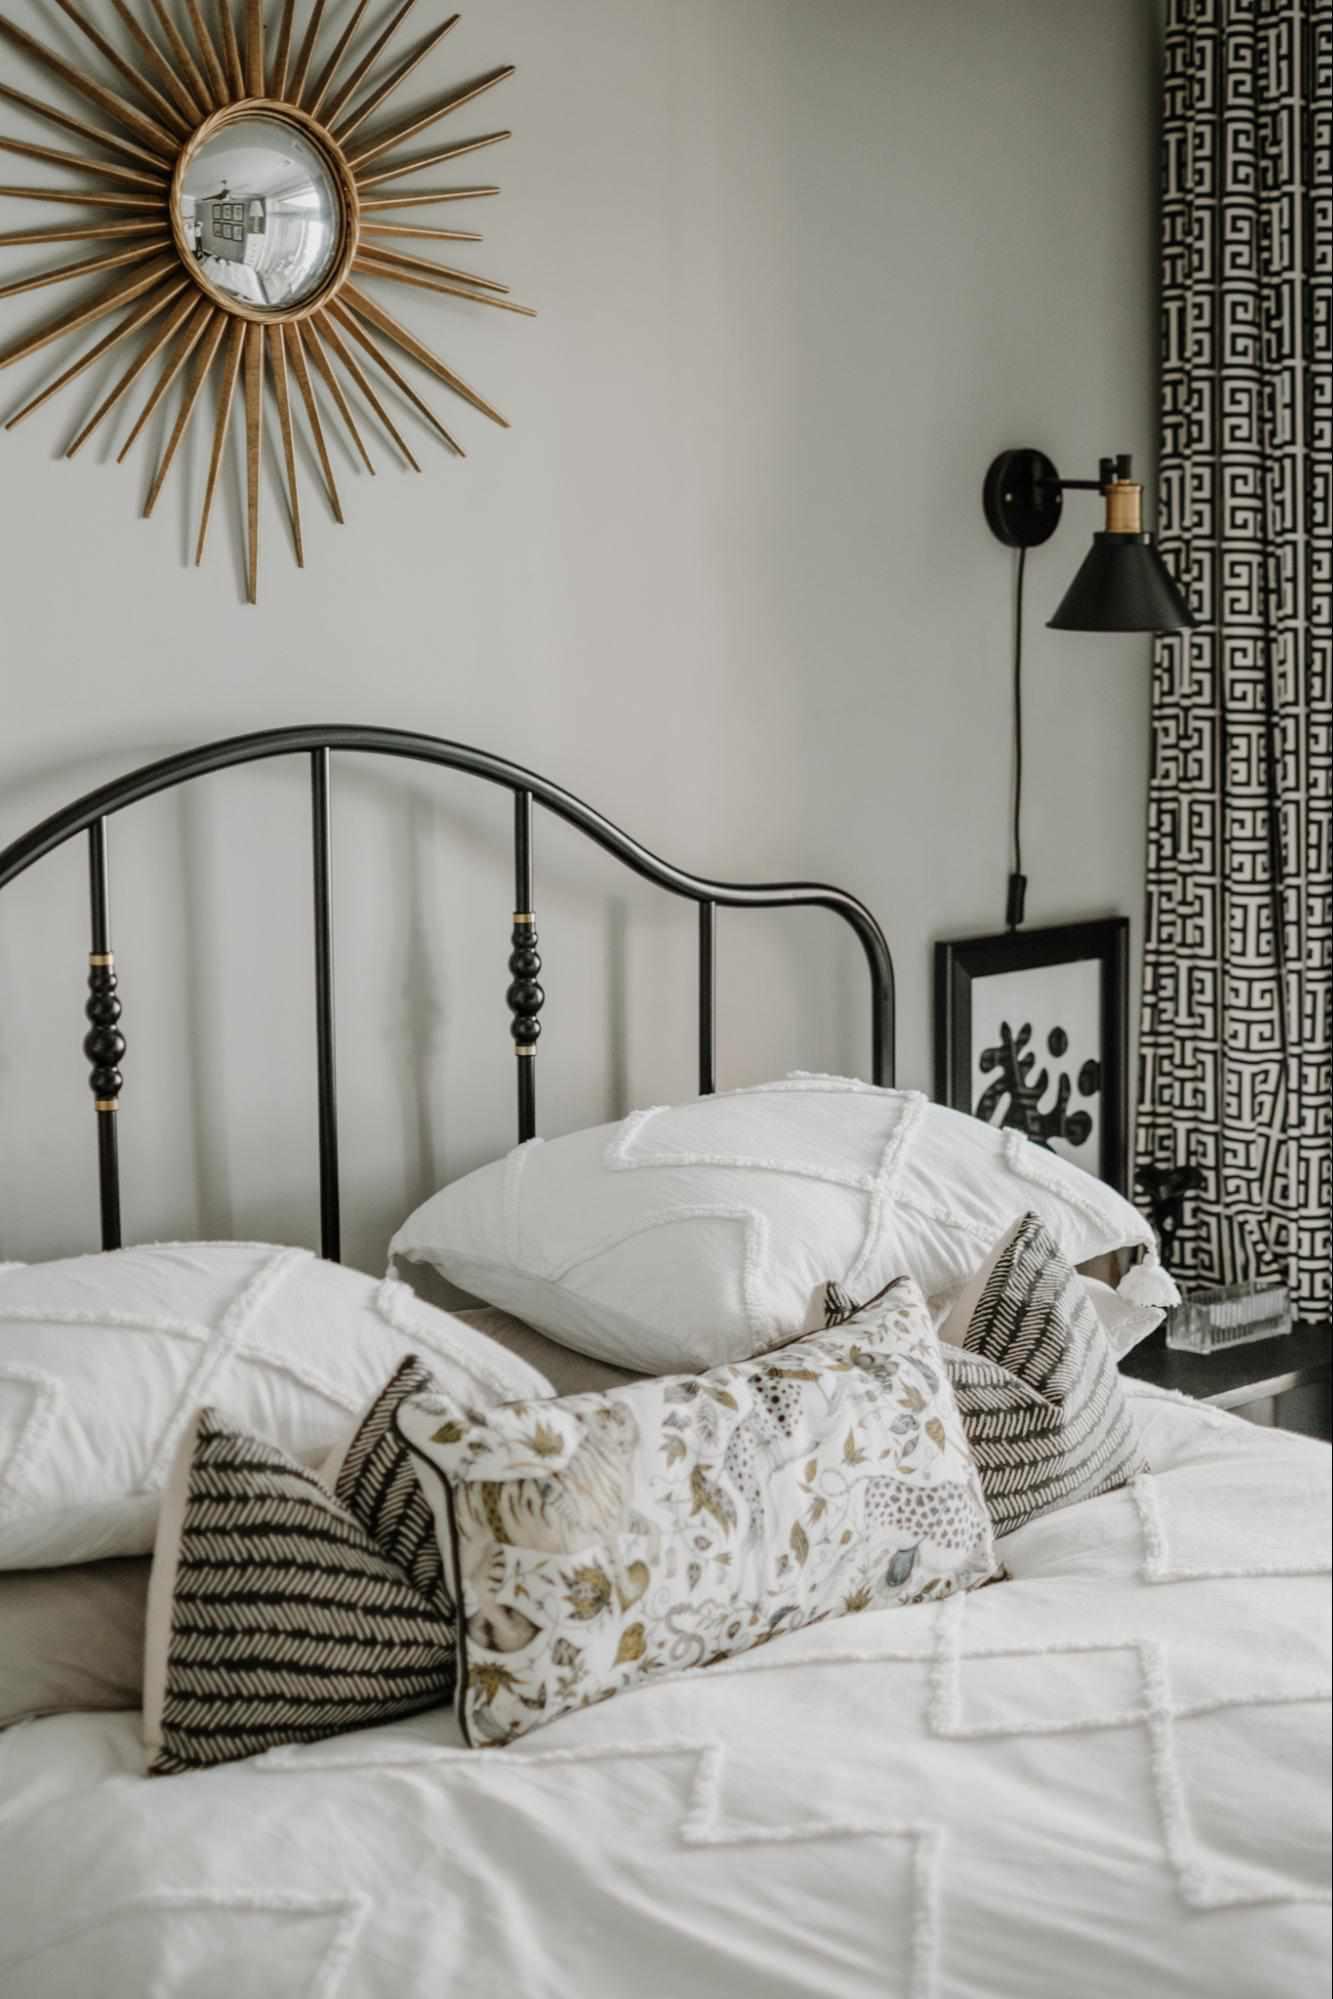 Lightweight white summer bedding.